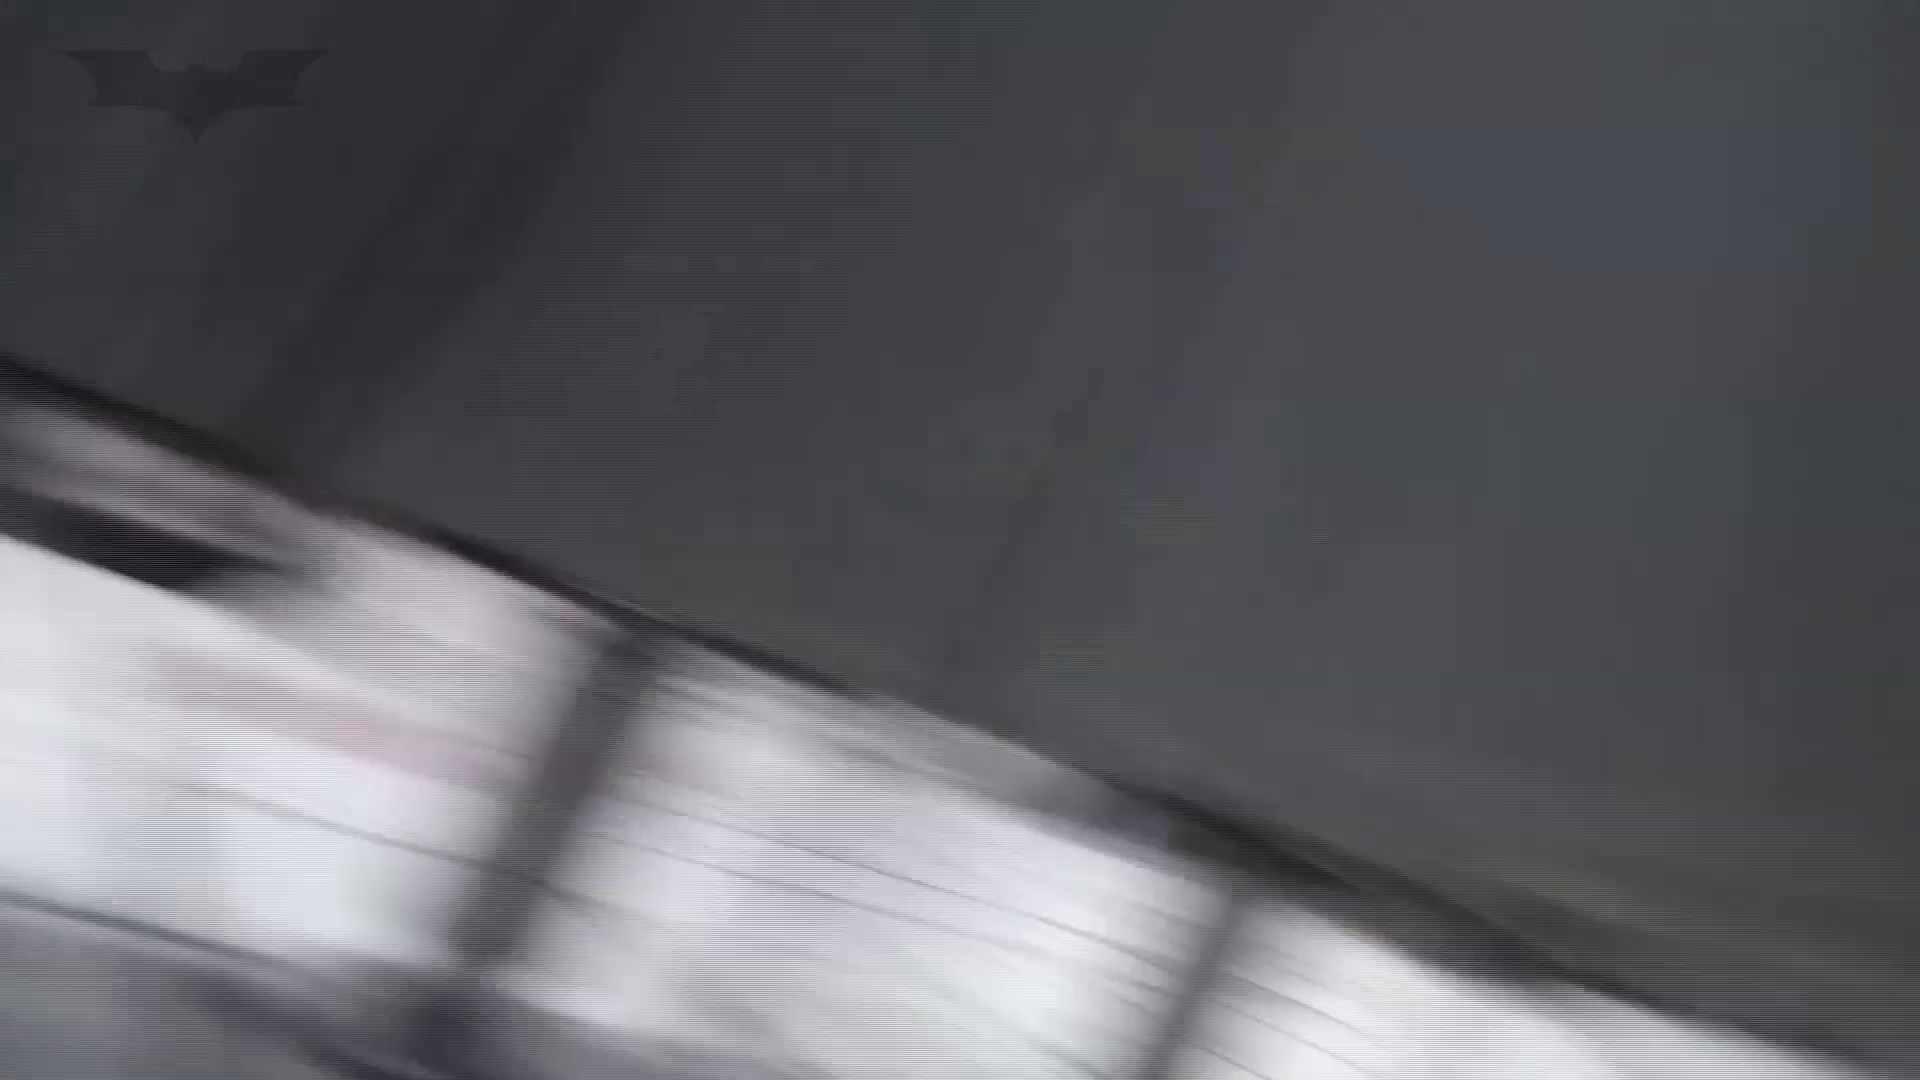 美しい日本の未来 No.31 新しいアングルに挑戦 盗撮 オメコ無修正動画無料 88枚 74